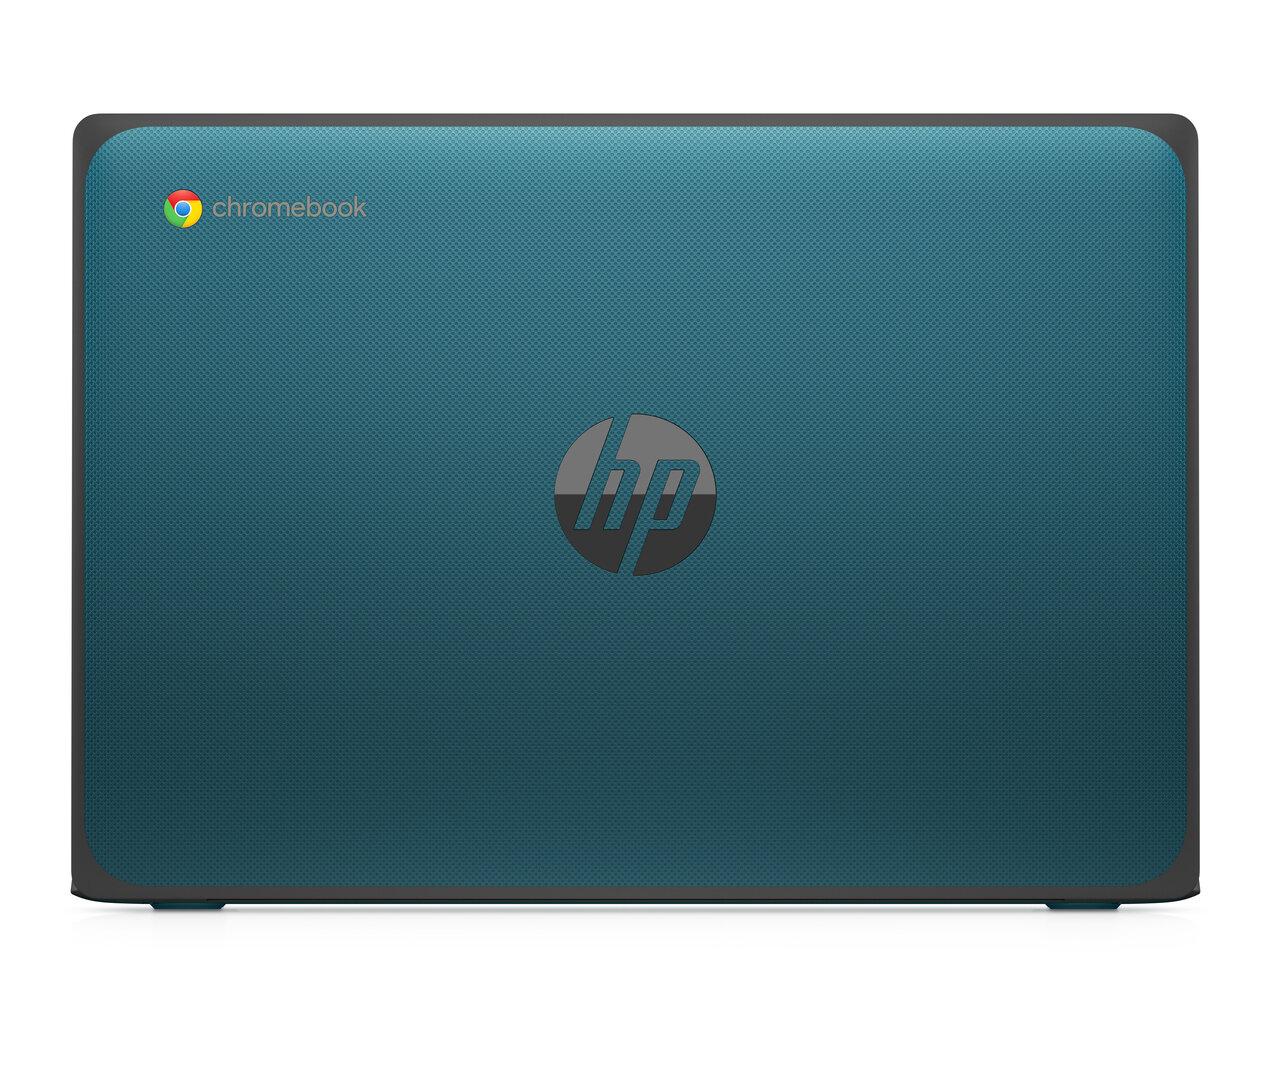 HP Chromebook 11 G9 EE (Nautical Teal)